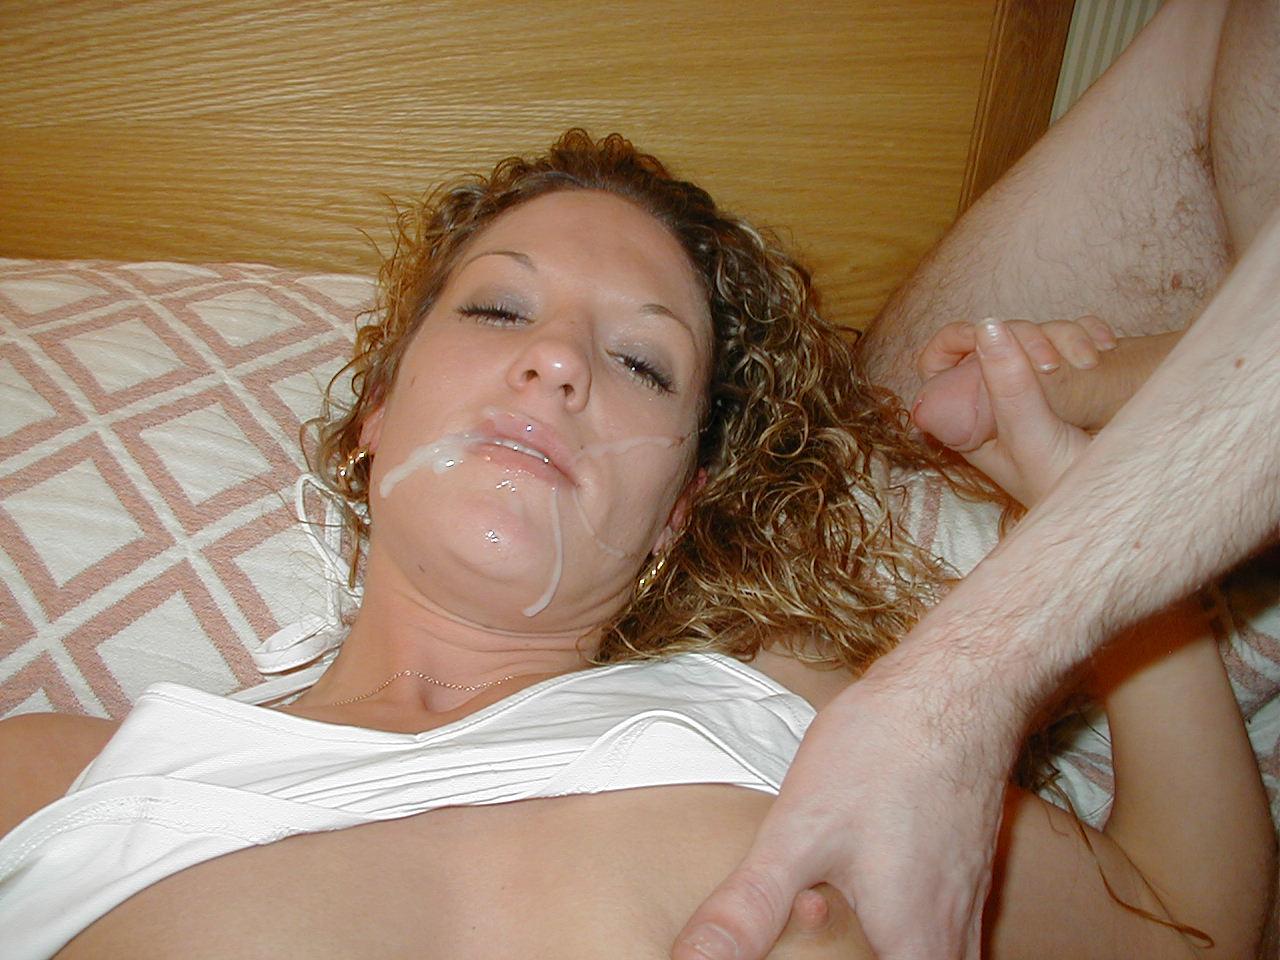 Simone fox big tits